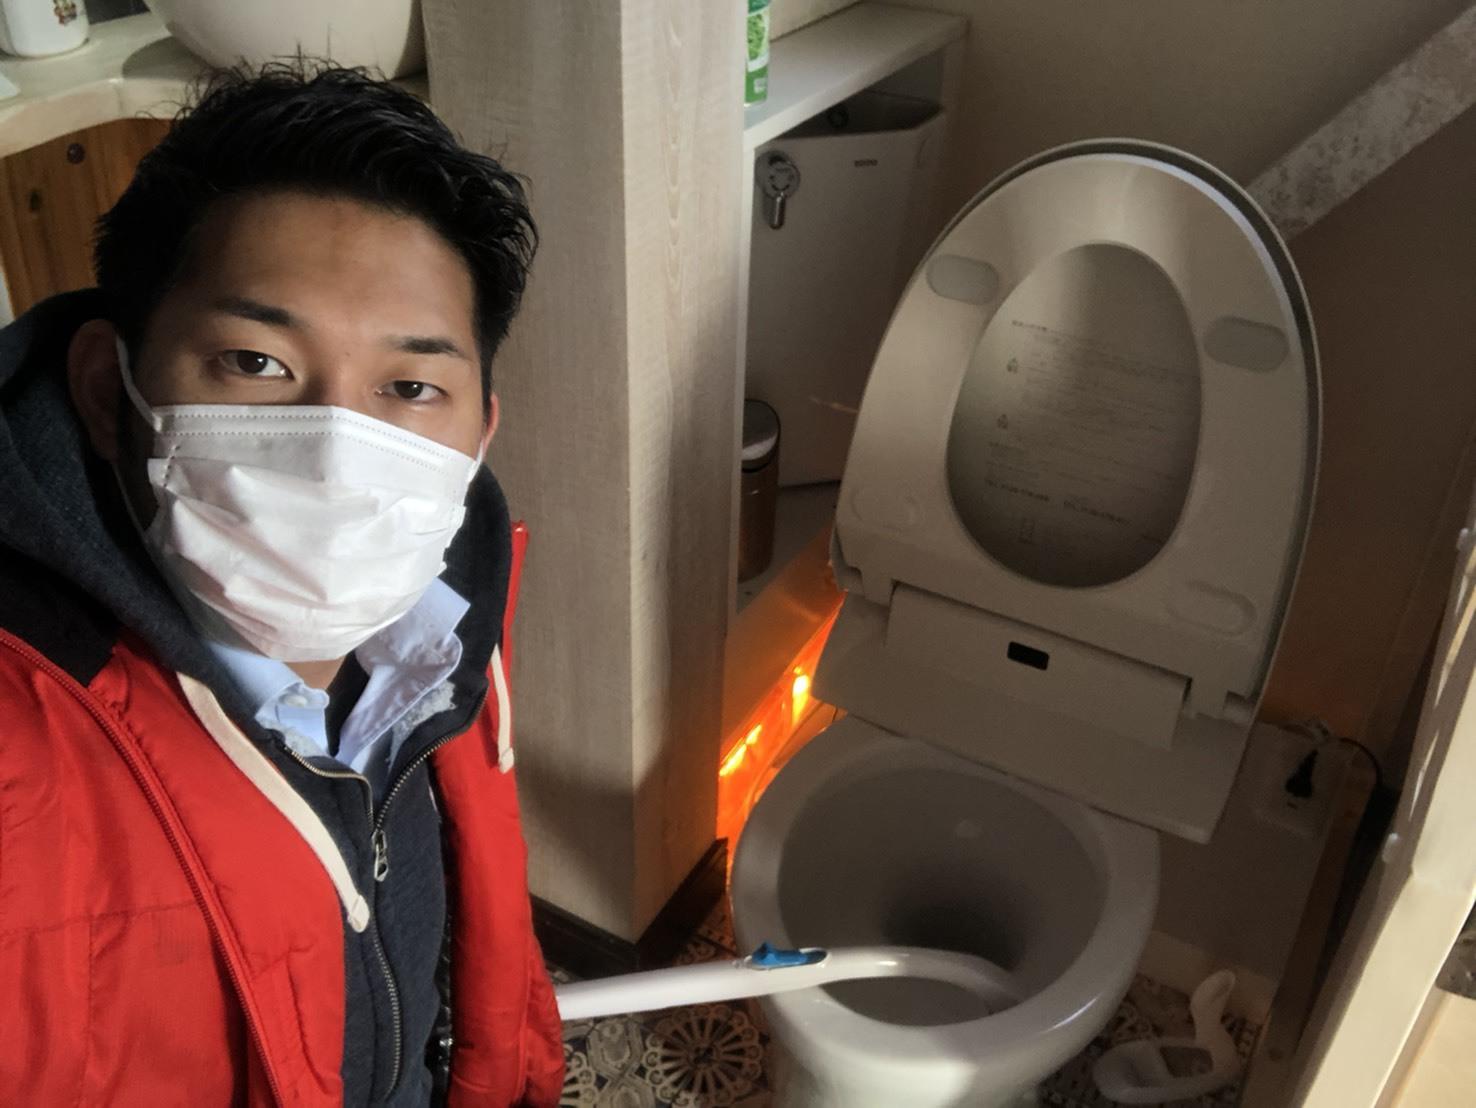 12月6日(金)トミーベースブログ☆カスタムカー☆レクサス♬スバル🎶フーガ♬クラウン🎶フォレスター☆レガシィ♬ローンサポート♬自社ローン_b0127002_14425454.jpg